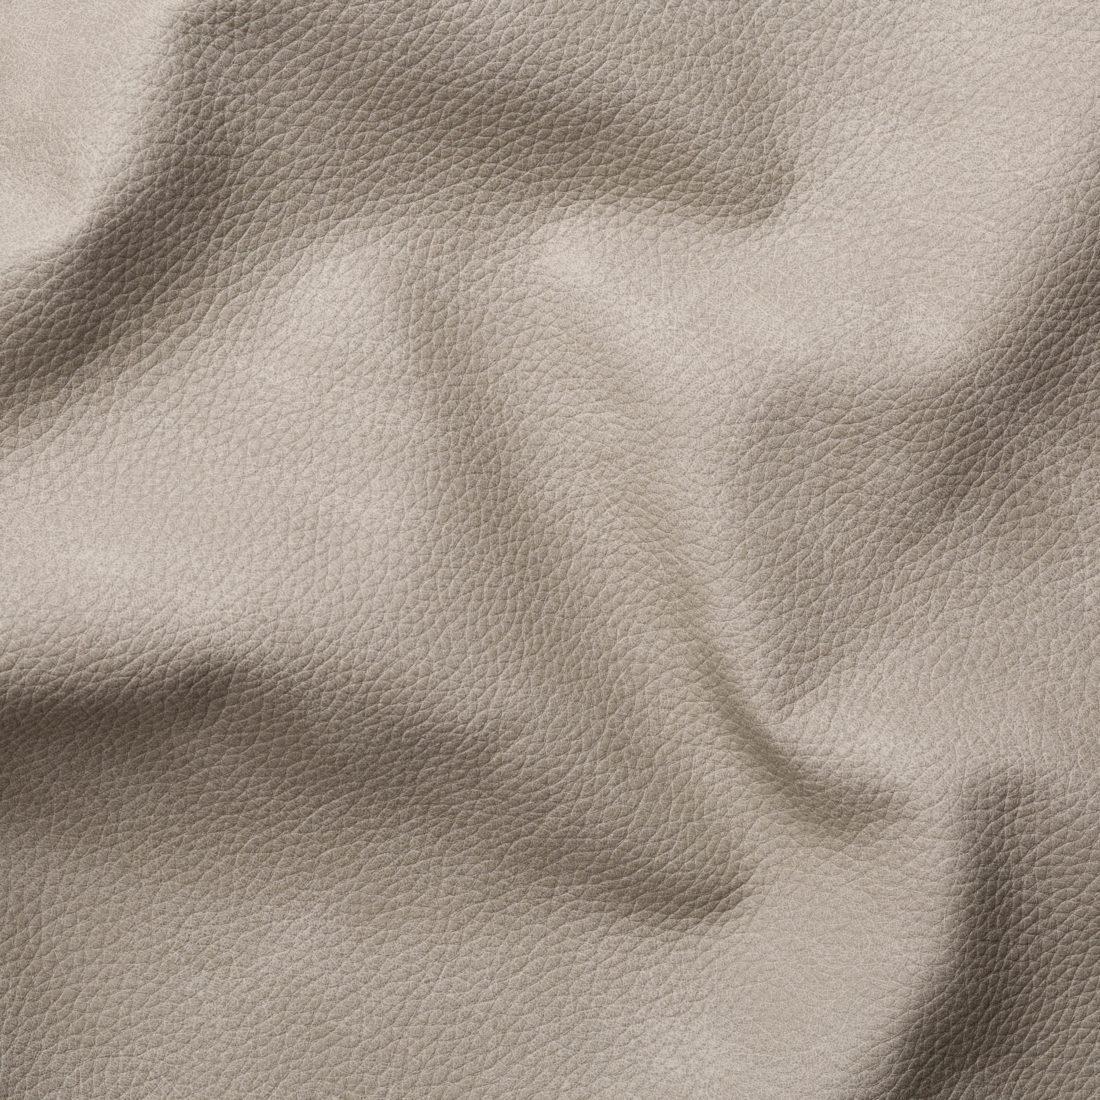 Мебельная ткань Wave 102 Rabbit, искусственная кожа